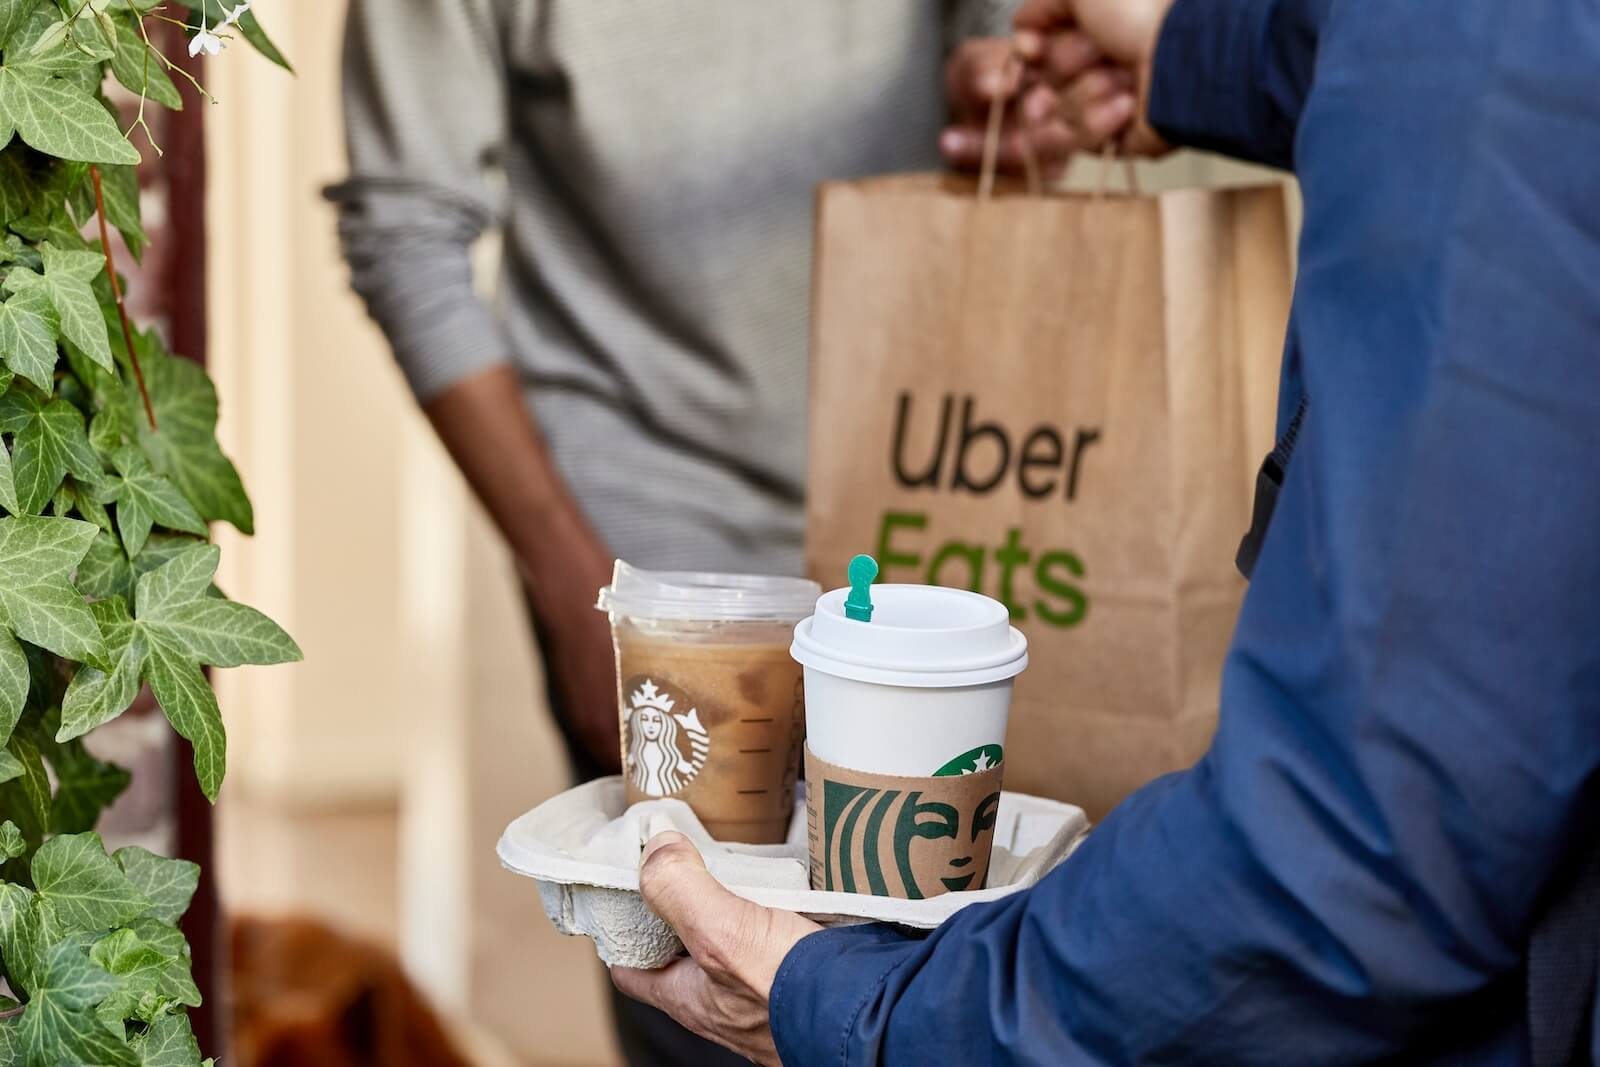 Starbucks Uber Eats